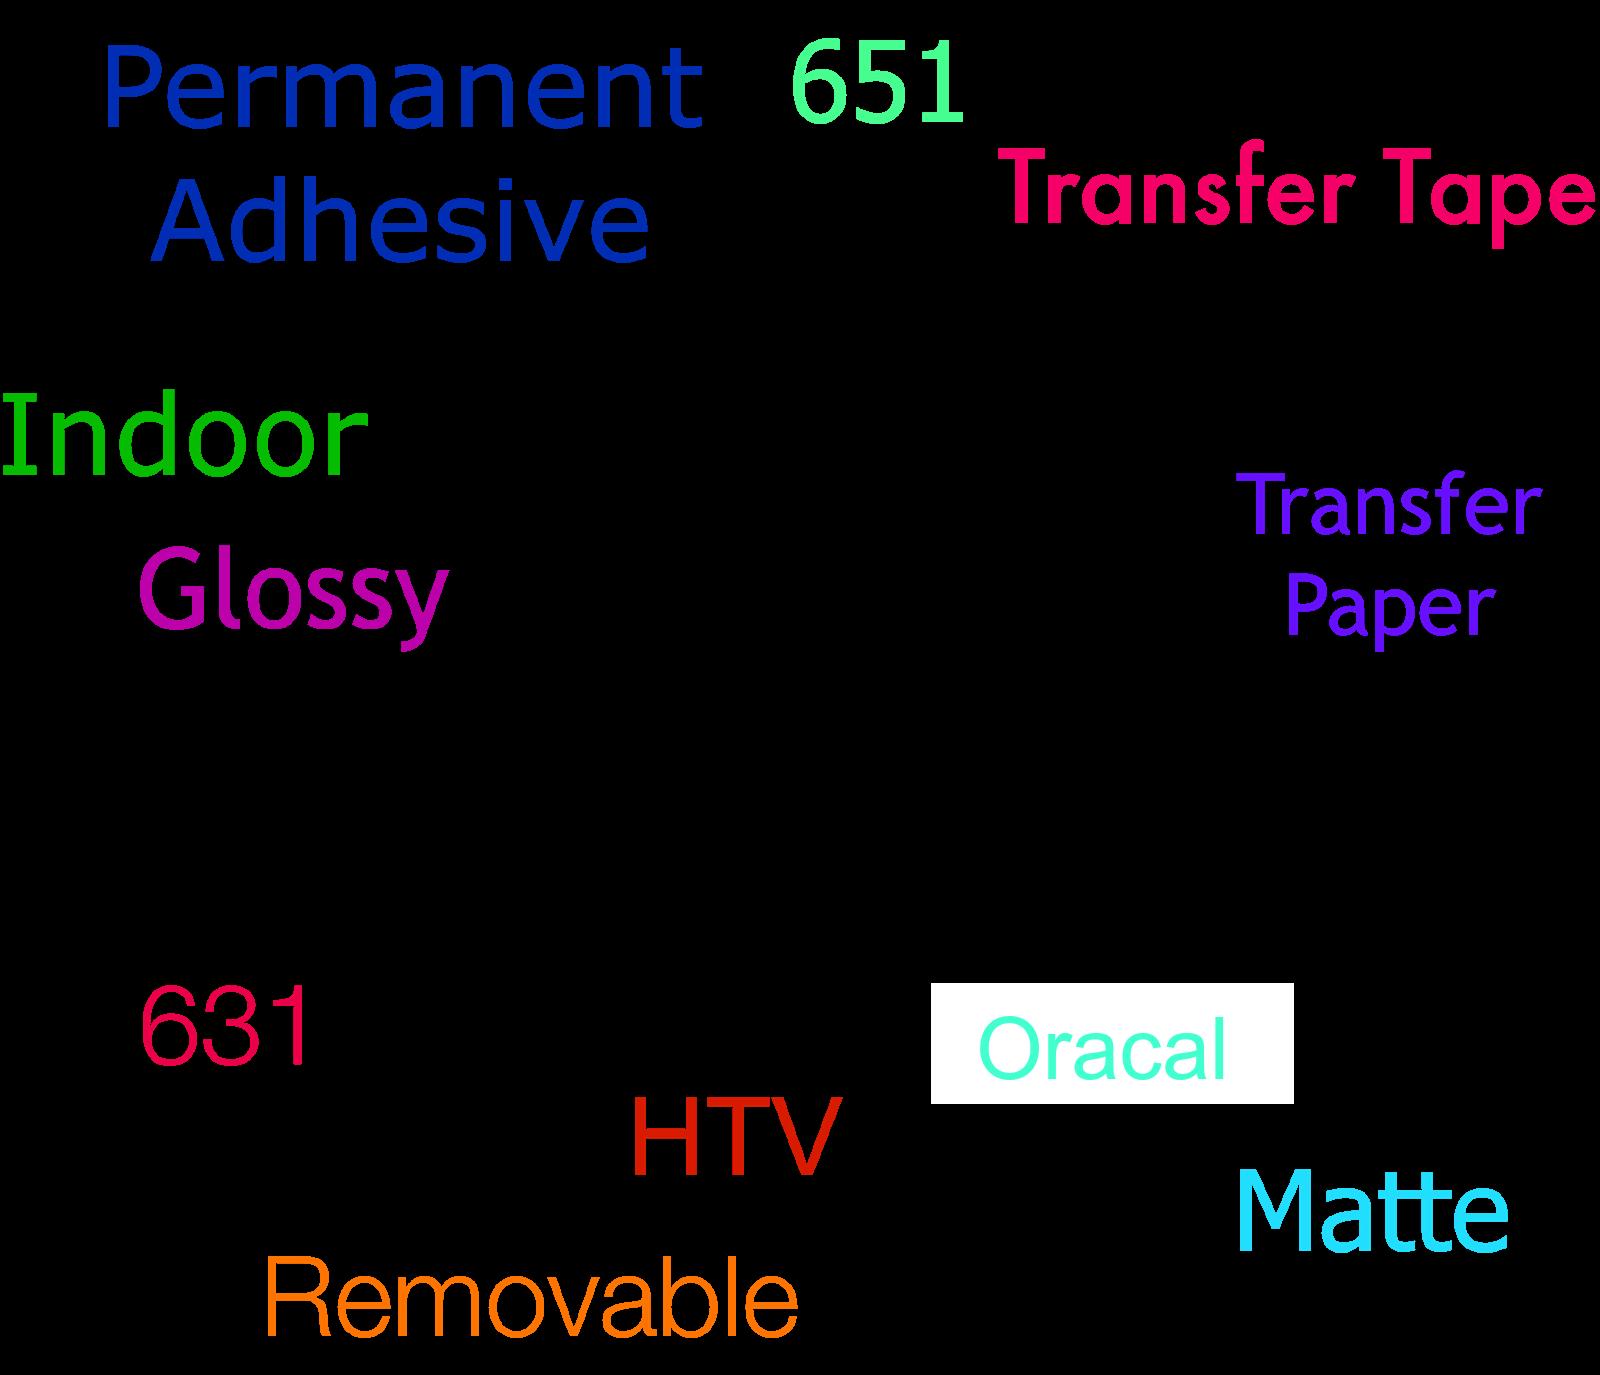 Silhouette Vinyl Types And Transfer Paper Vs Transfer Tape